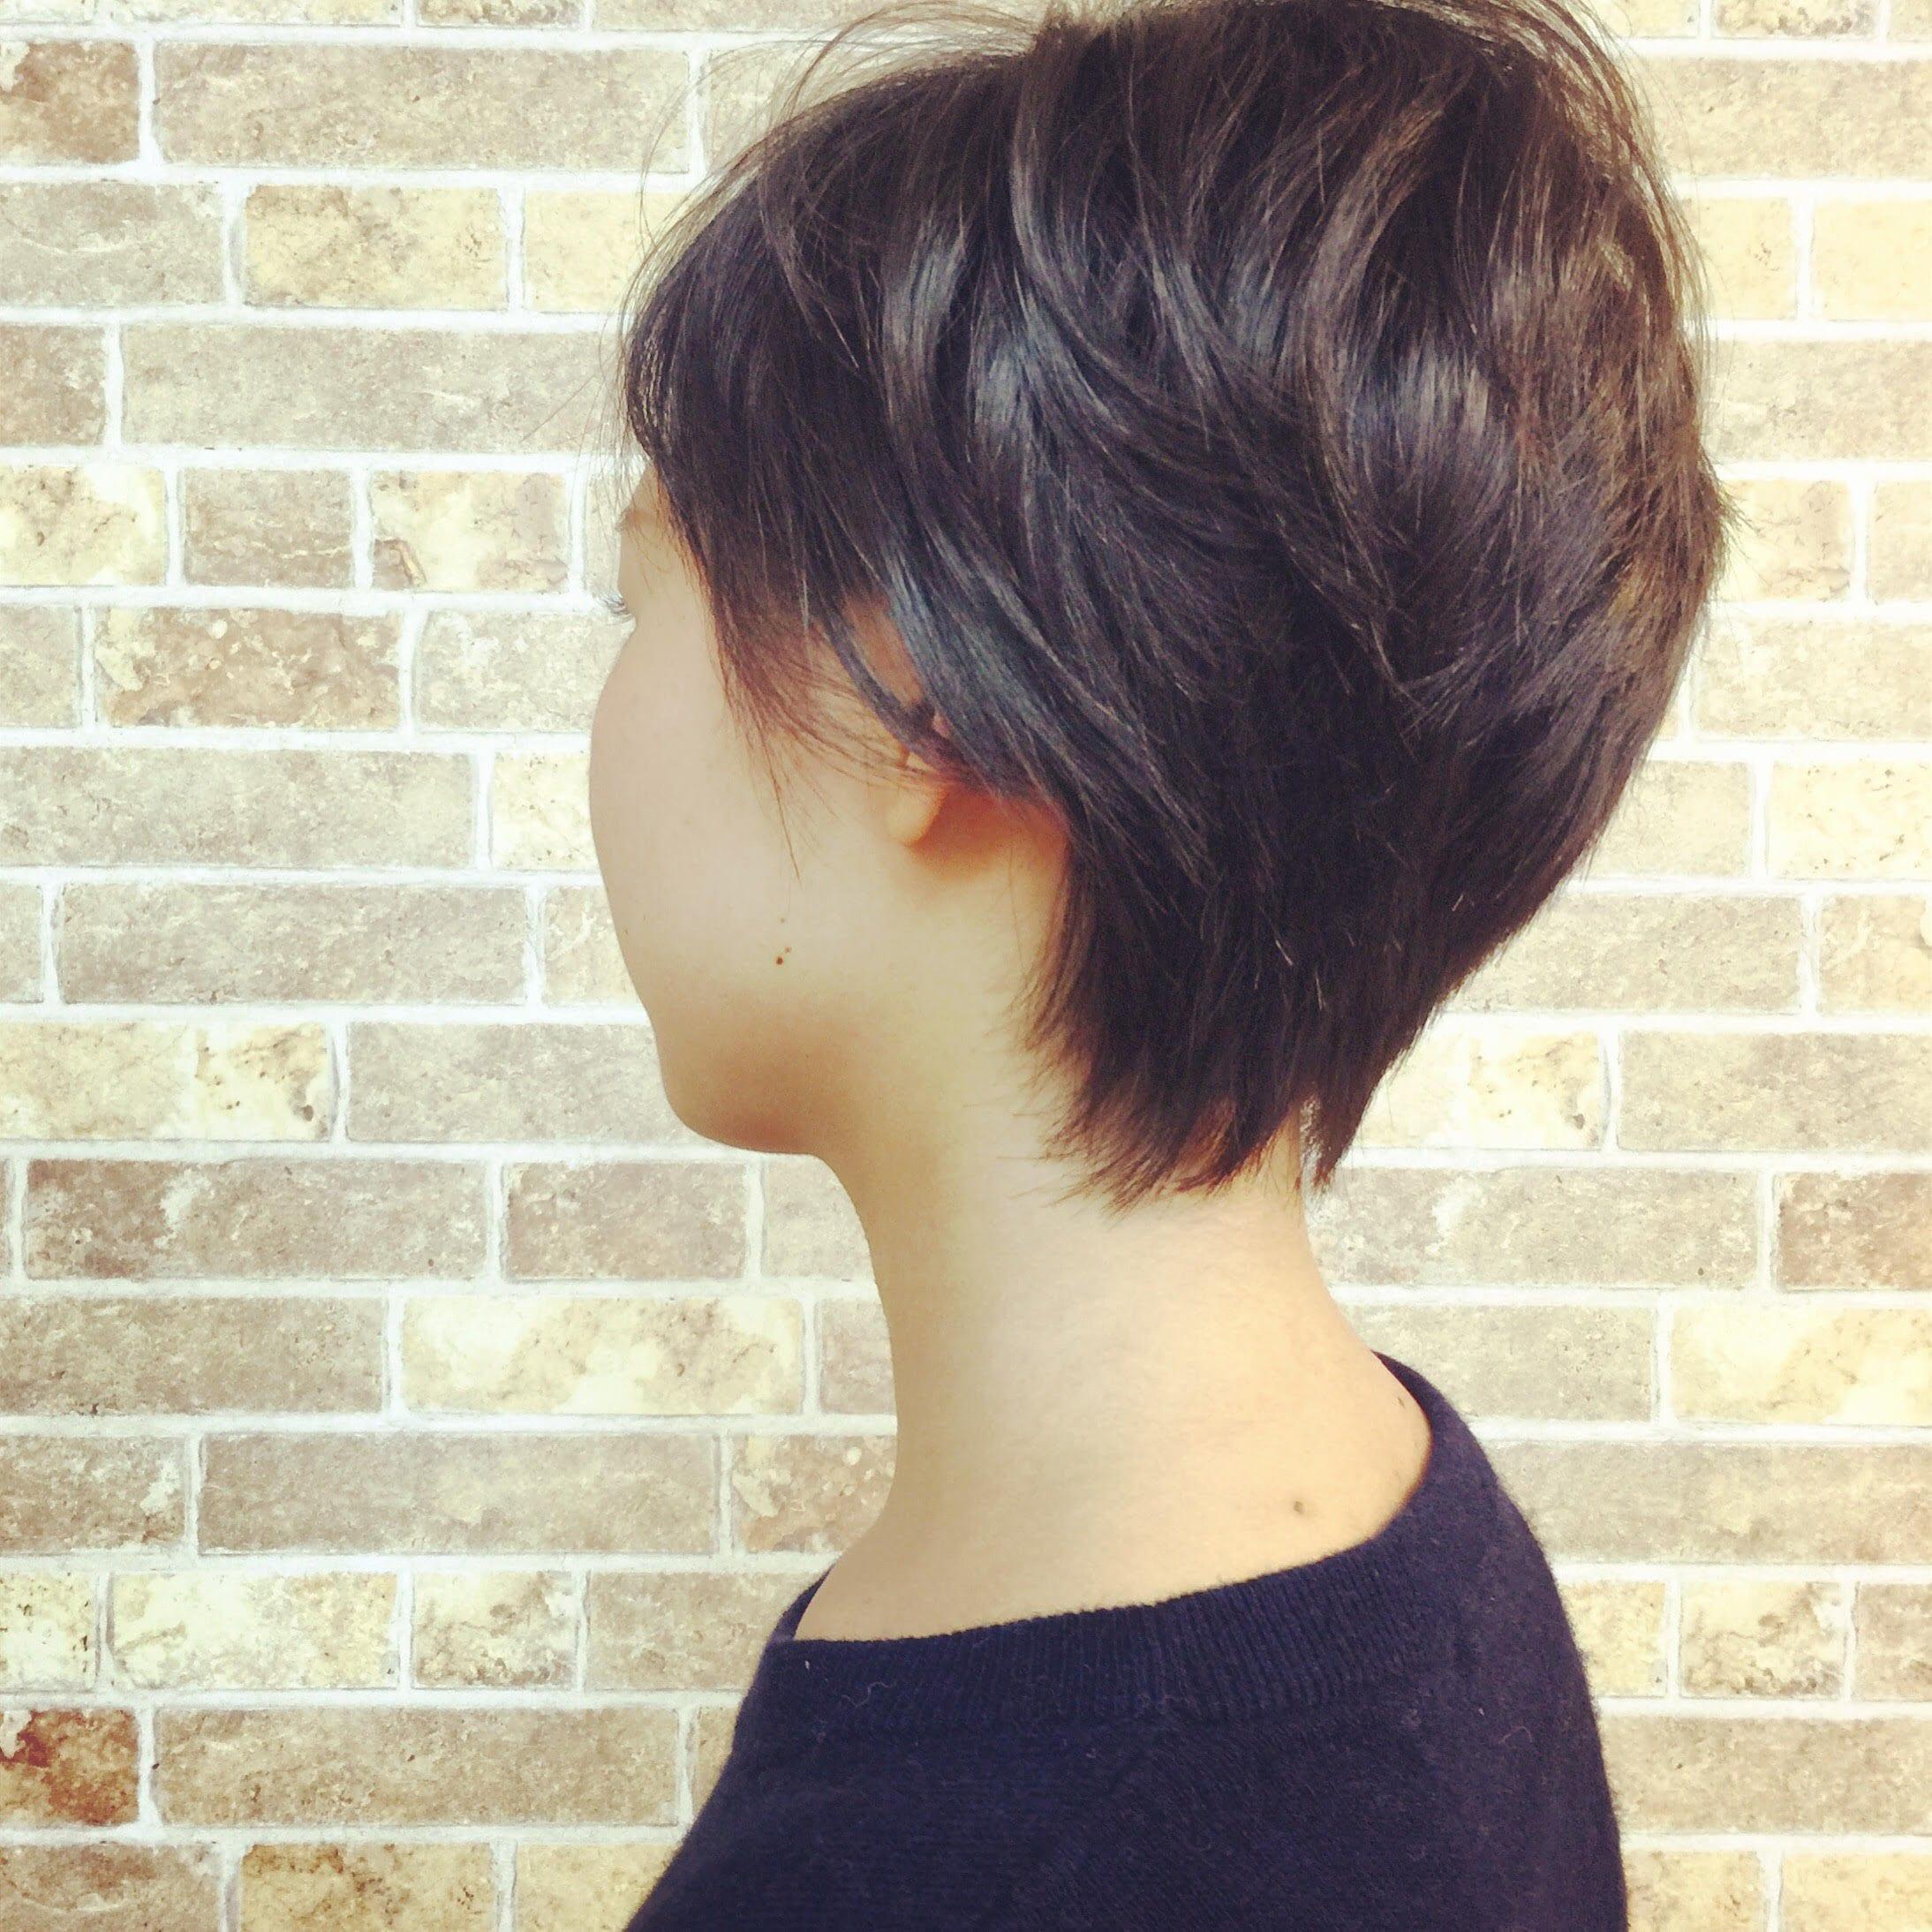 【店頭で支払い】カットチケット✂再現性抜群!あなたの髪質を考慮したお悩み解決カットのイメージその4